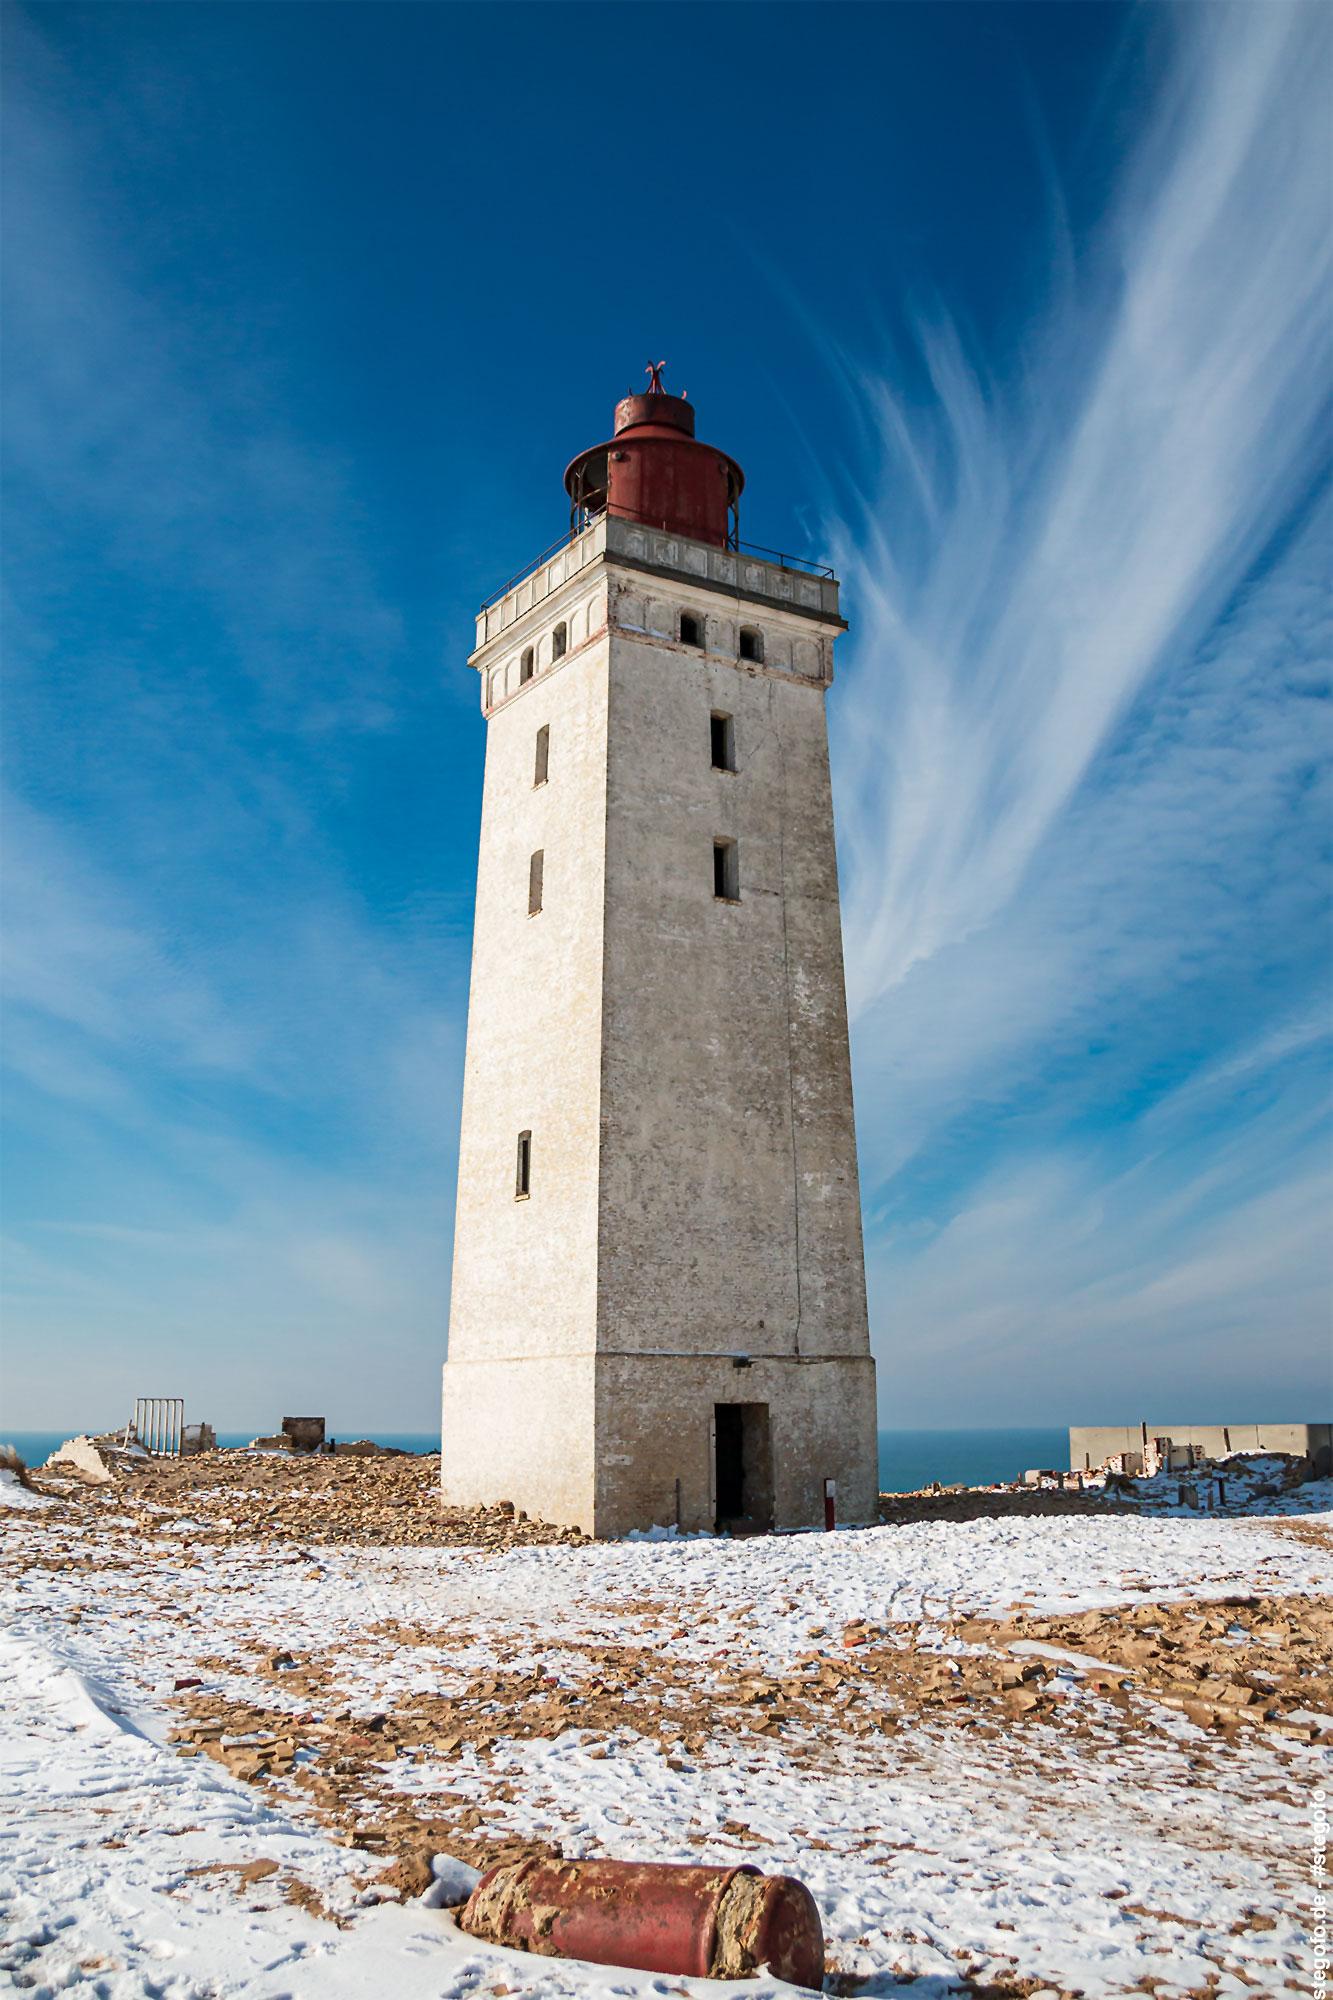 Der Leuchtturm - Rubjerg Knude Fyr